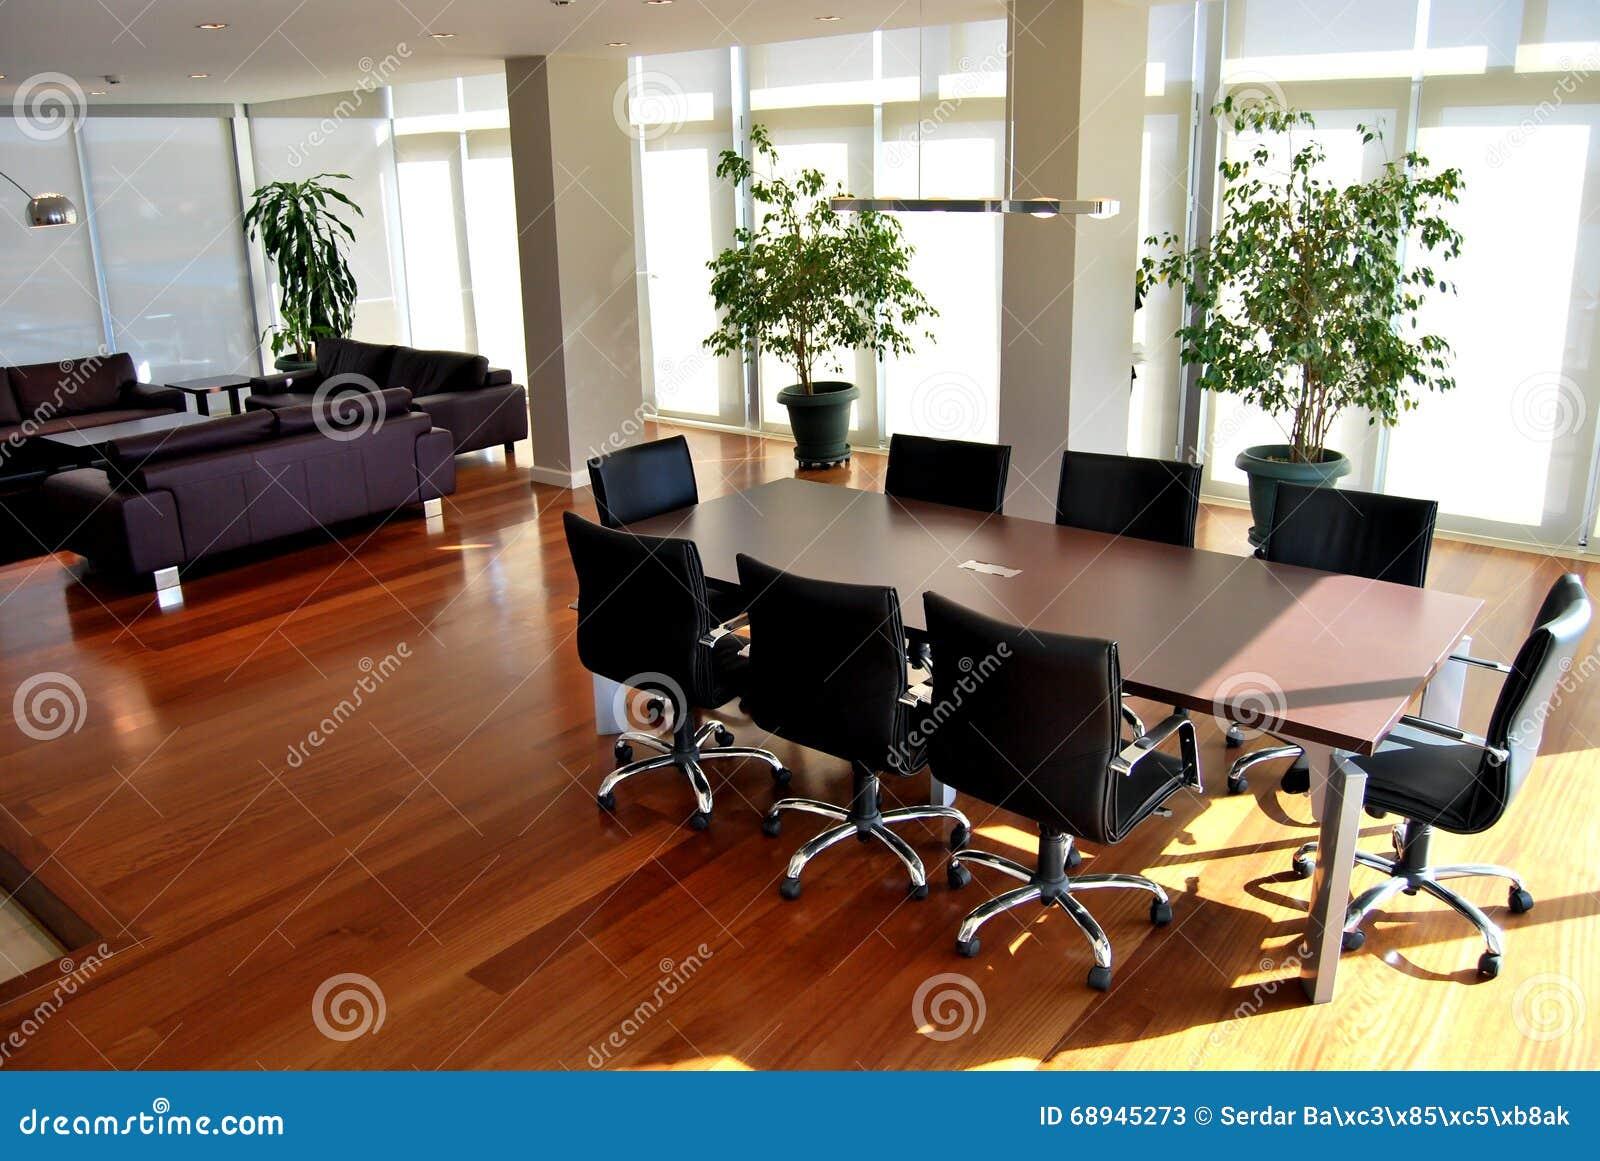 Moderner Rundtisch stockbild. Bild von assistent, stühle - 68945273